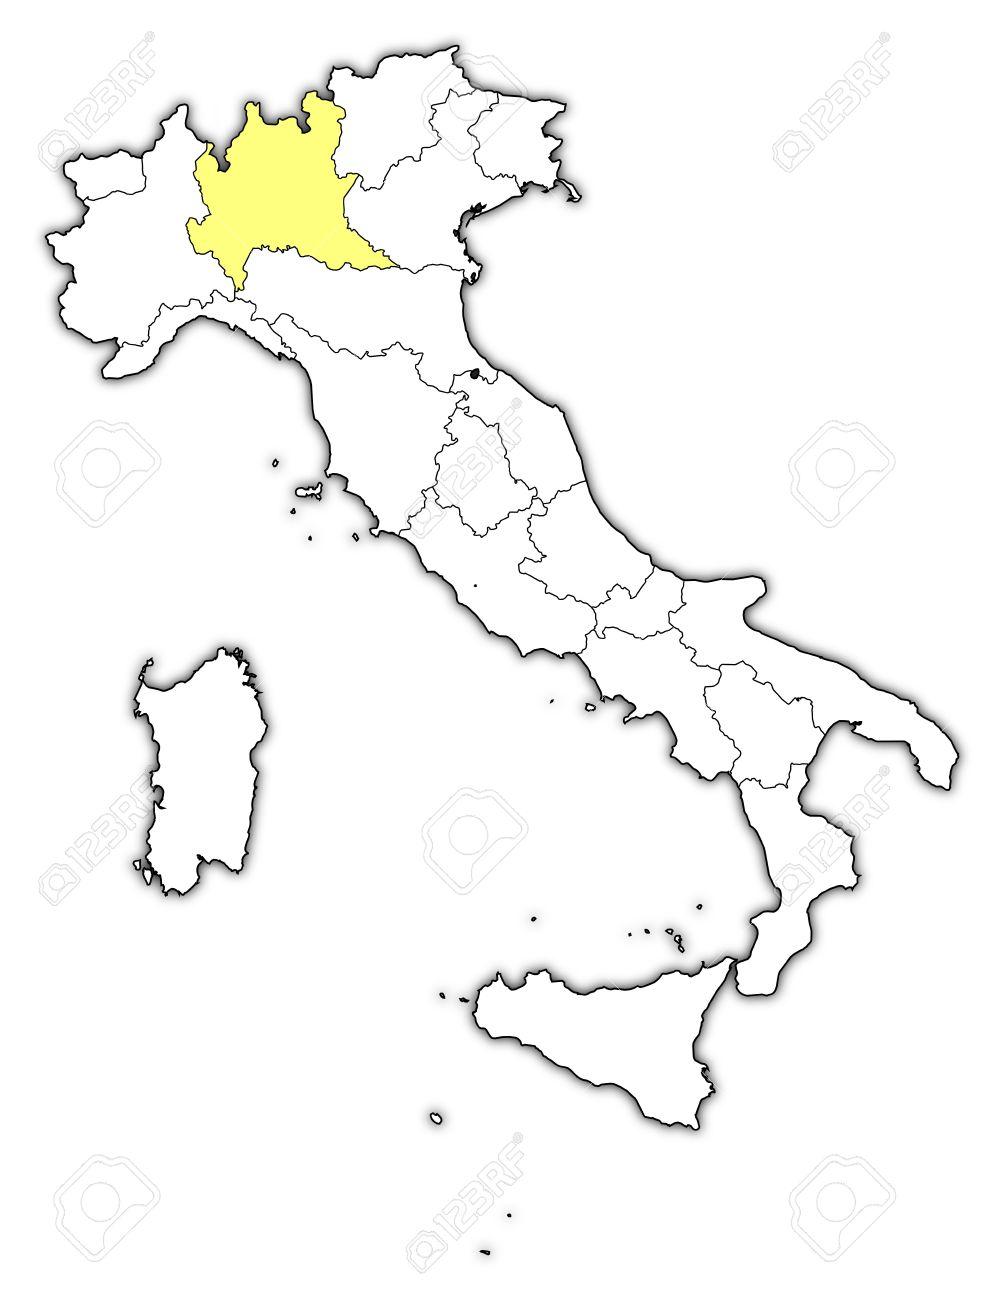 Cartina Italia Politica Lombardia.Mappa Politica D Italia Con Le Varie Regioni In Cui E Evidenziato Lombardia